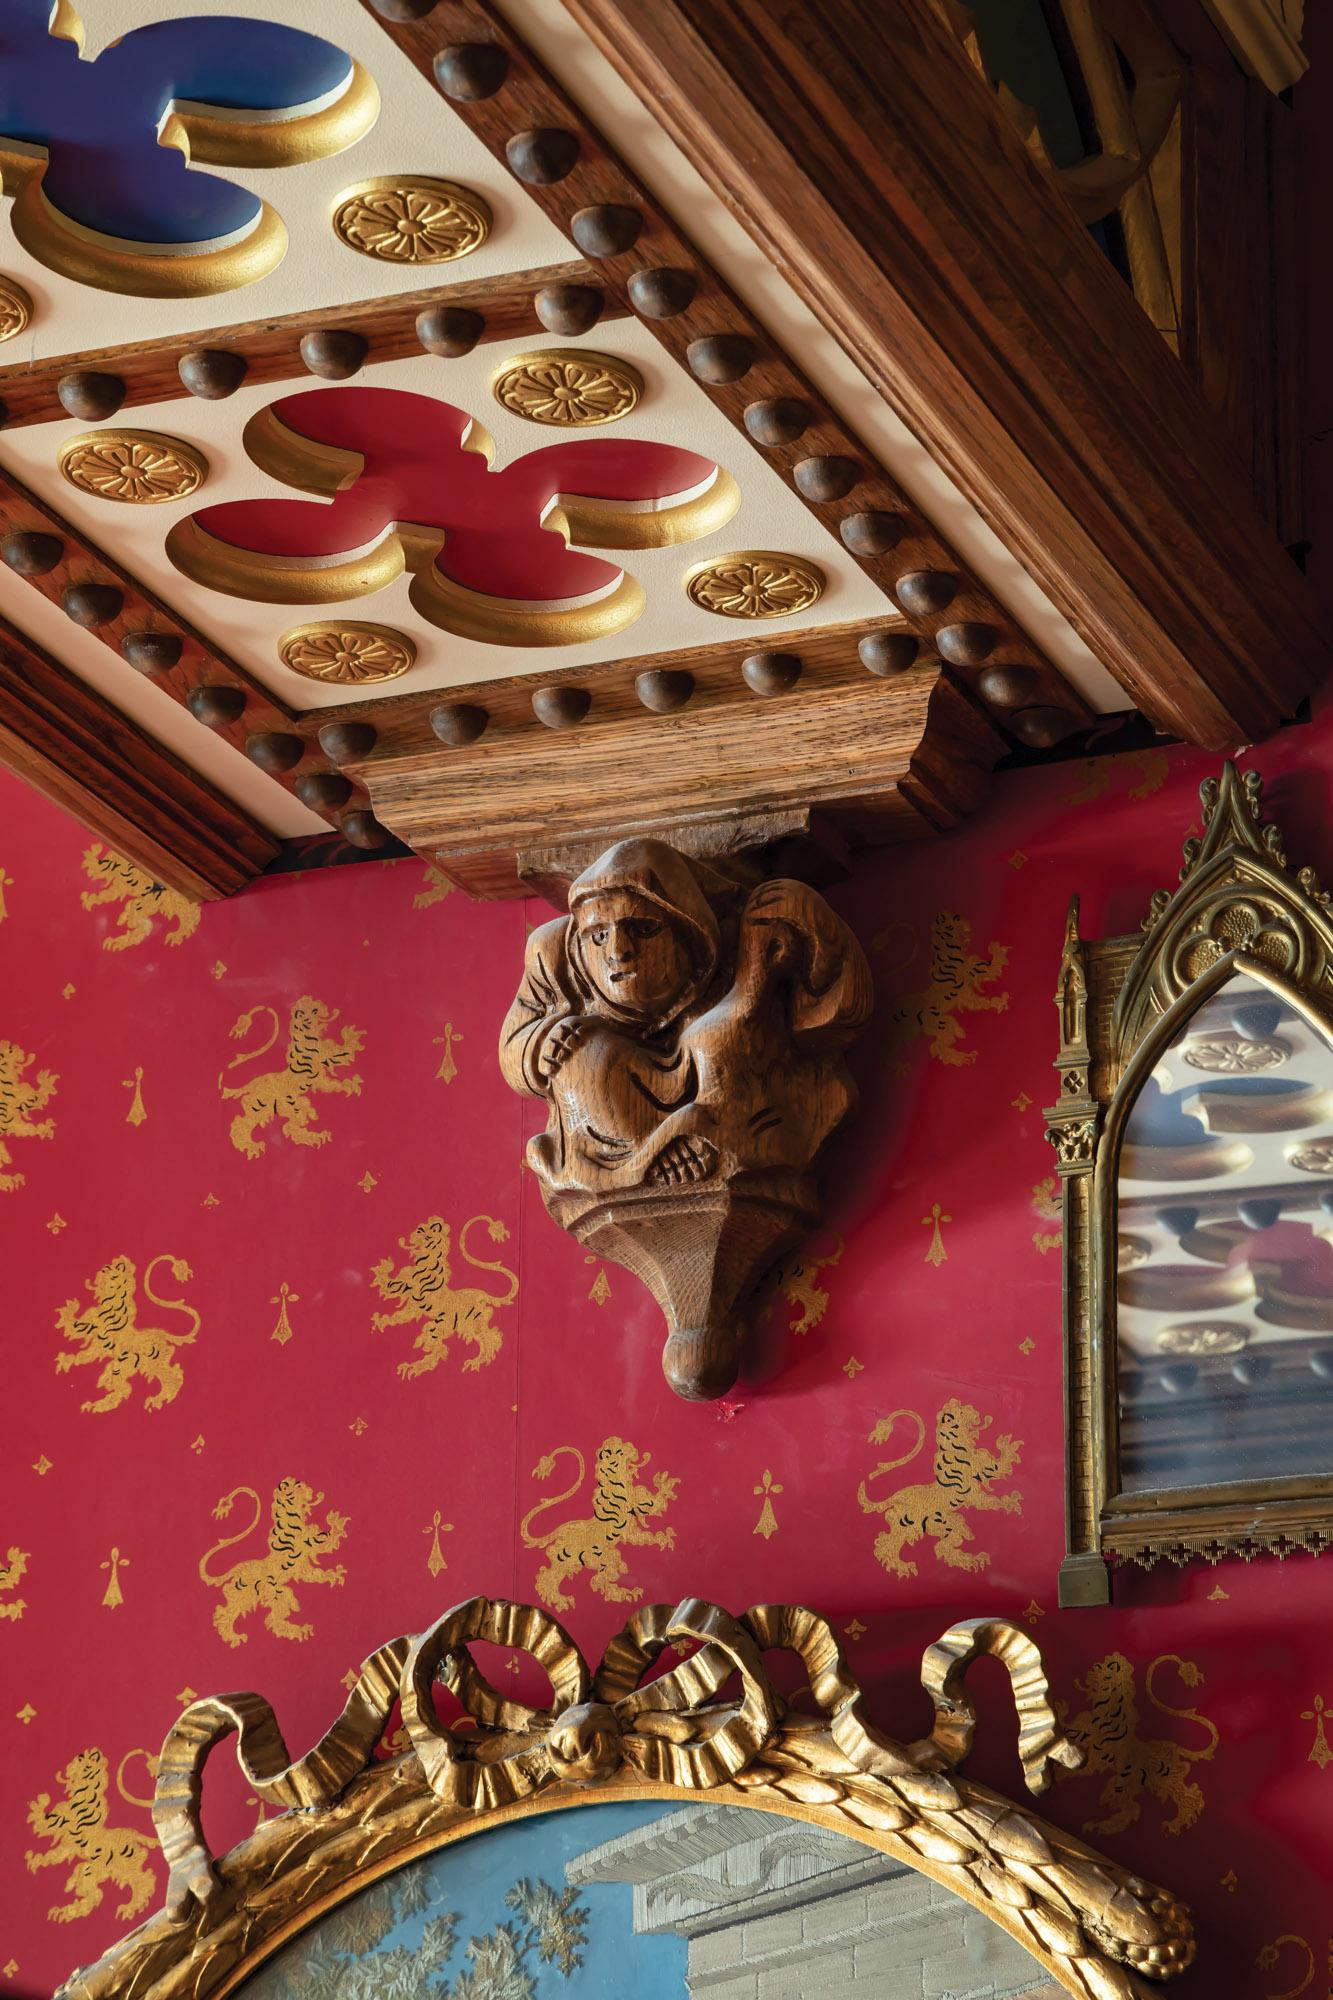 Panels of polychromed and gold-leafed quatrefoils